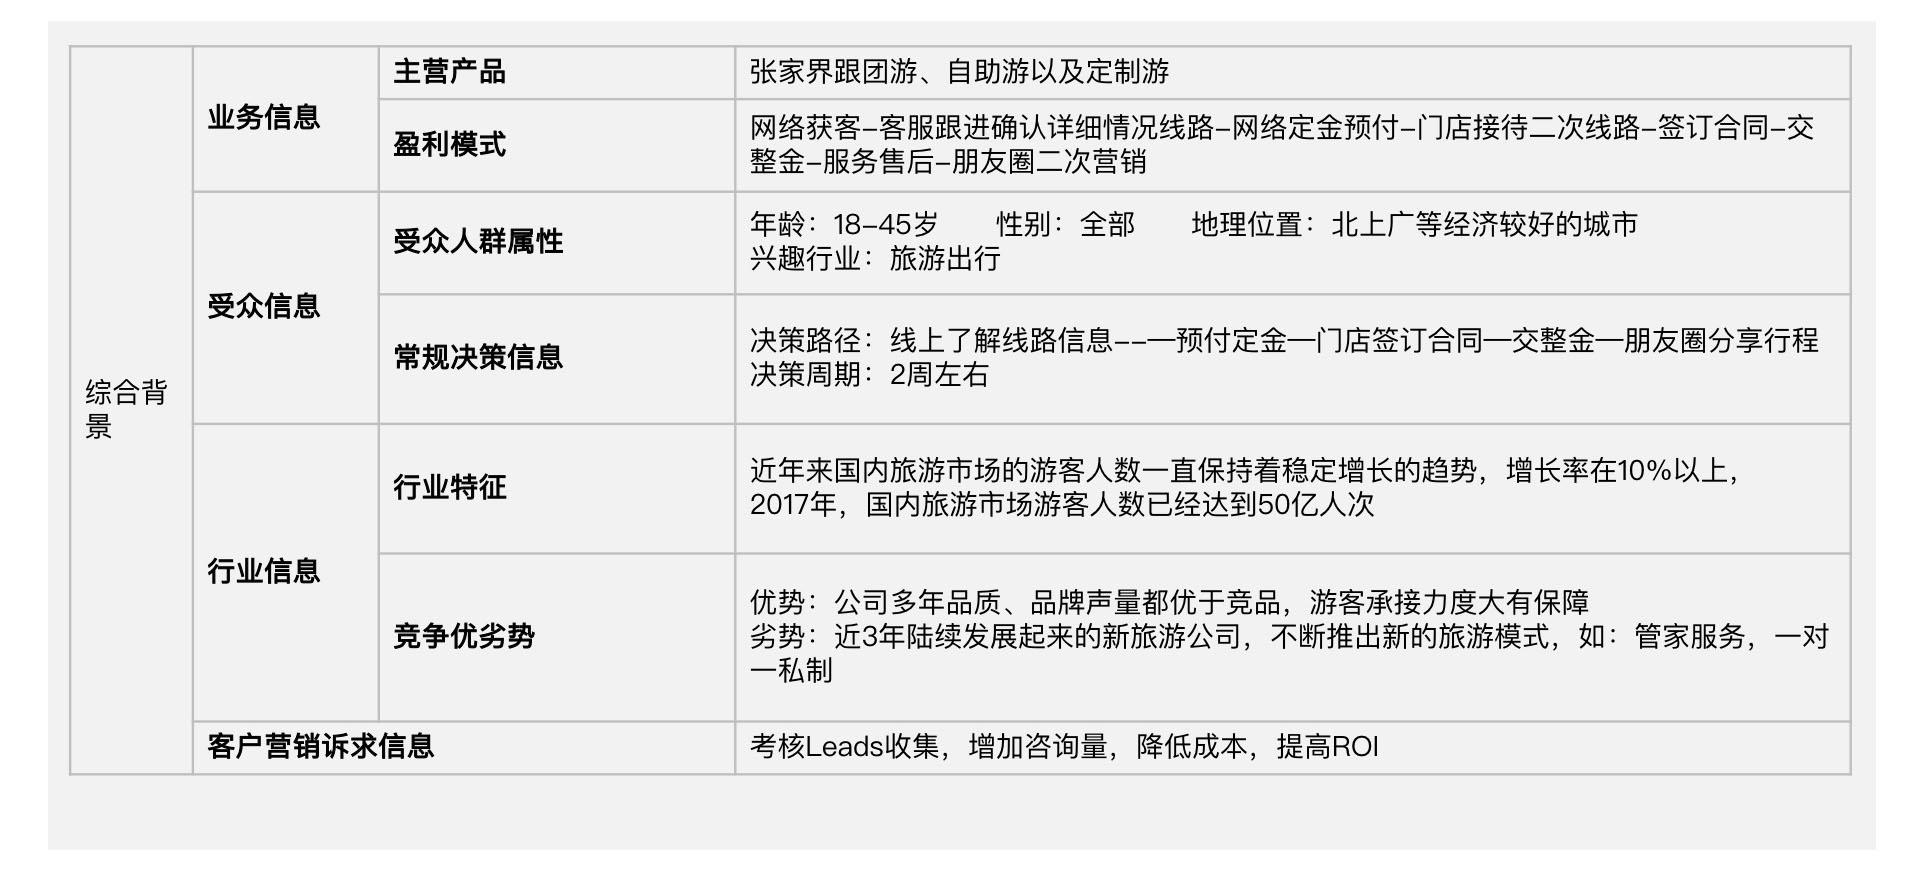 106 [搜索]案例-湖南竞网-李伊华-晴旭.jpg